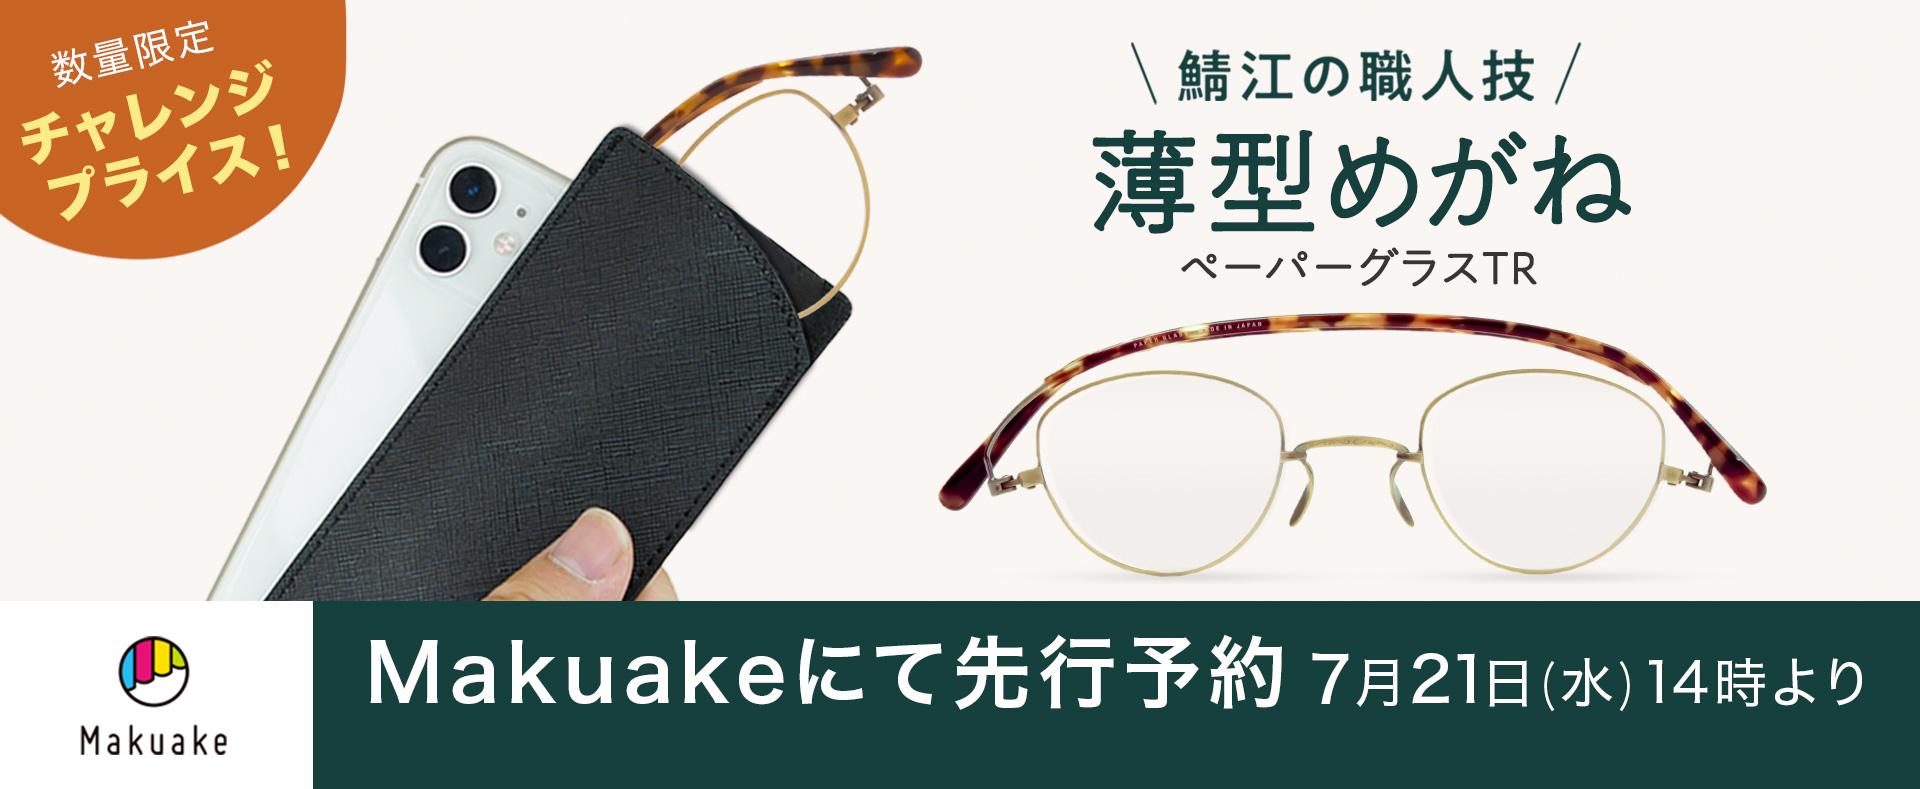 [特別価格]鯖江の職人技光る逸品『ペーパーグラスTR』 7/21(水)14:00よりMakuakeで先行予約開始